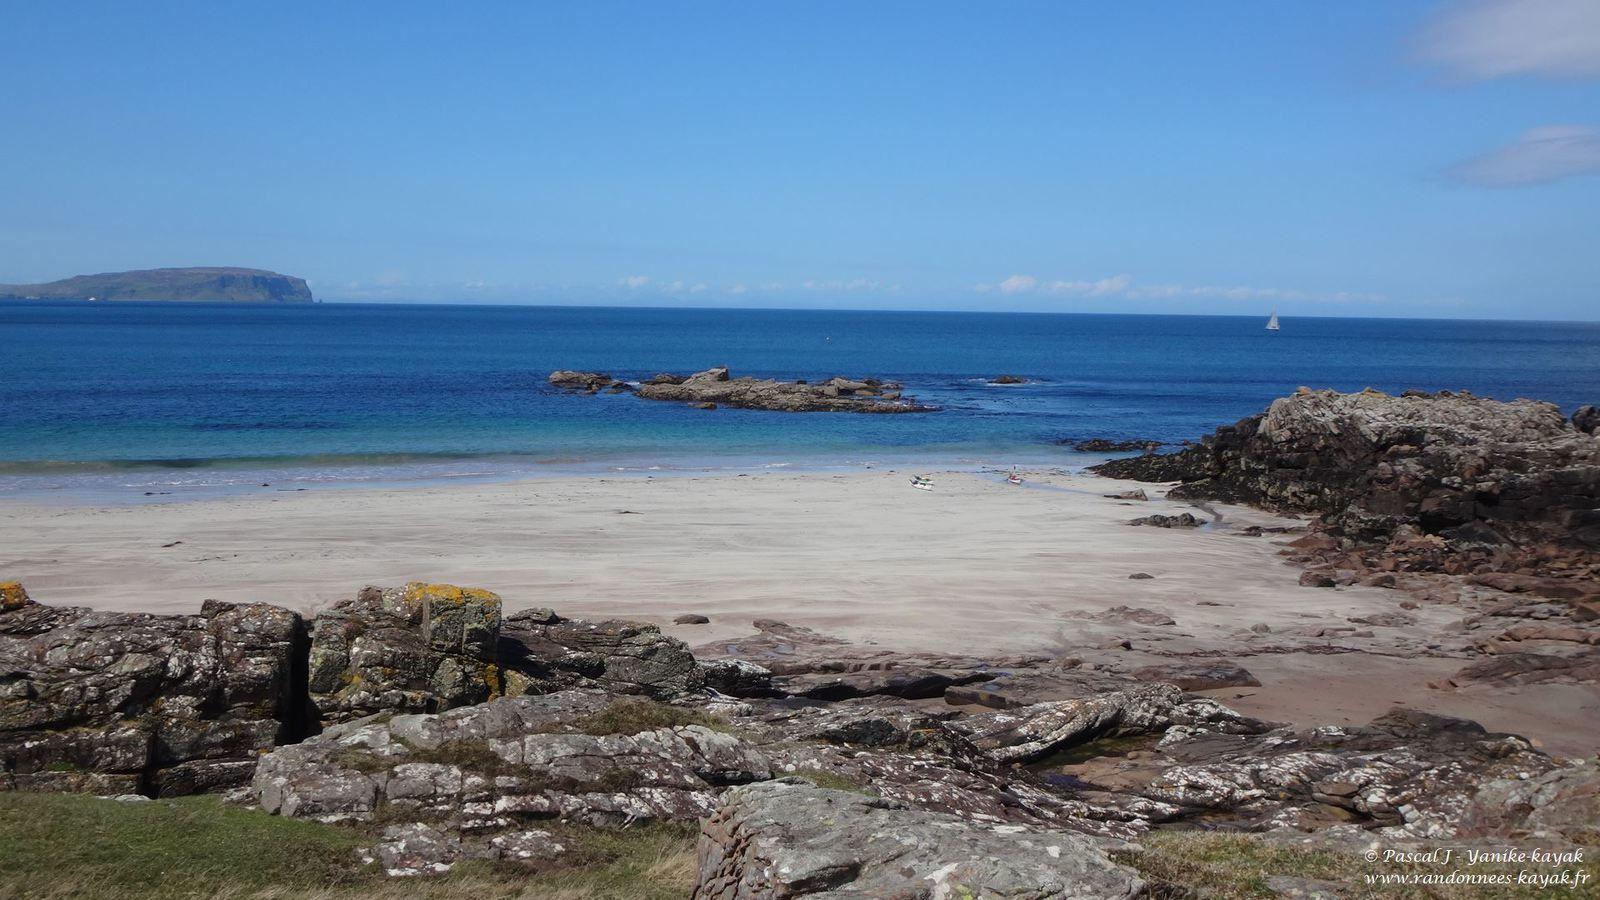 Skye 2018 : a new adventure - Chapitre 3 : de Skye à Rum, à la découverte des îles et de leurs trésors !